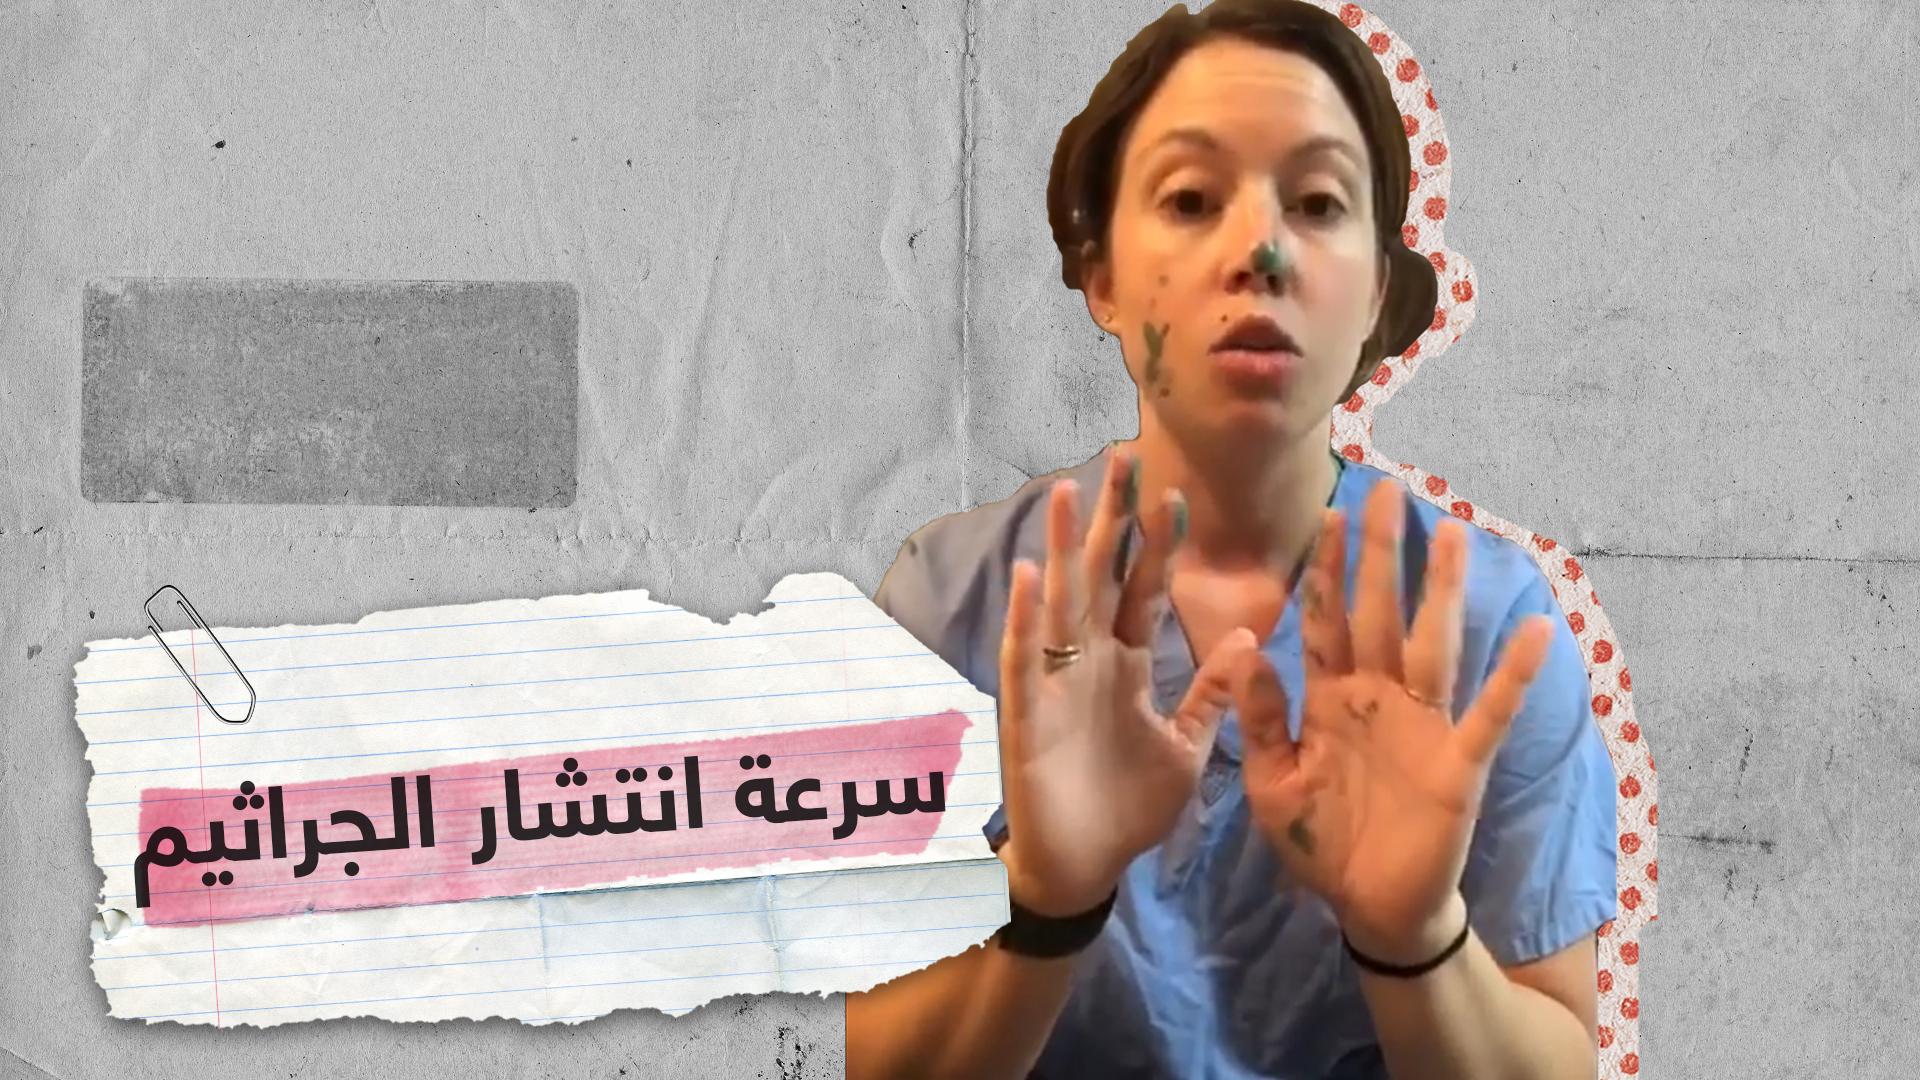 ممرضة أمريكية توضح كيف ترتدي القفازات